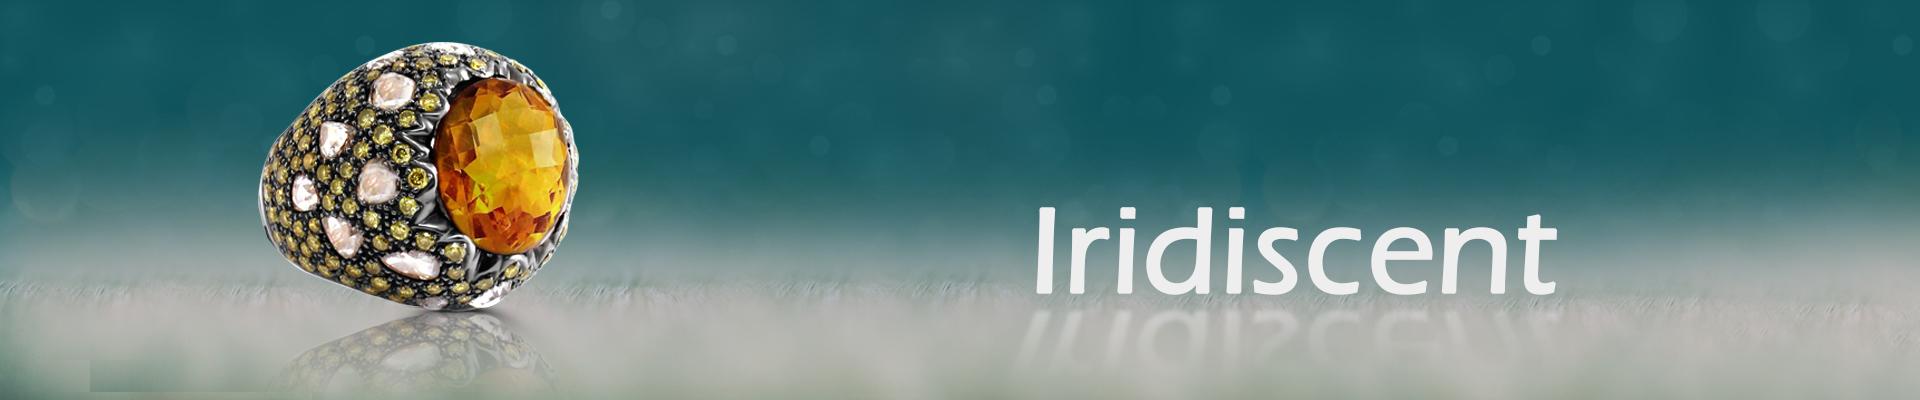 Iridiscent